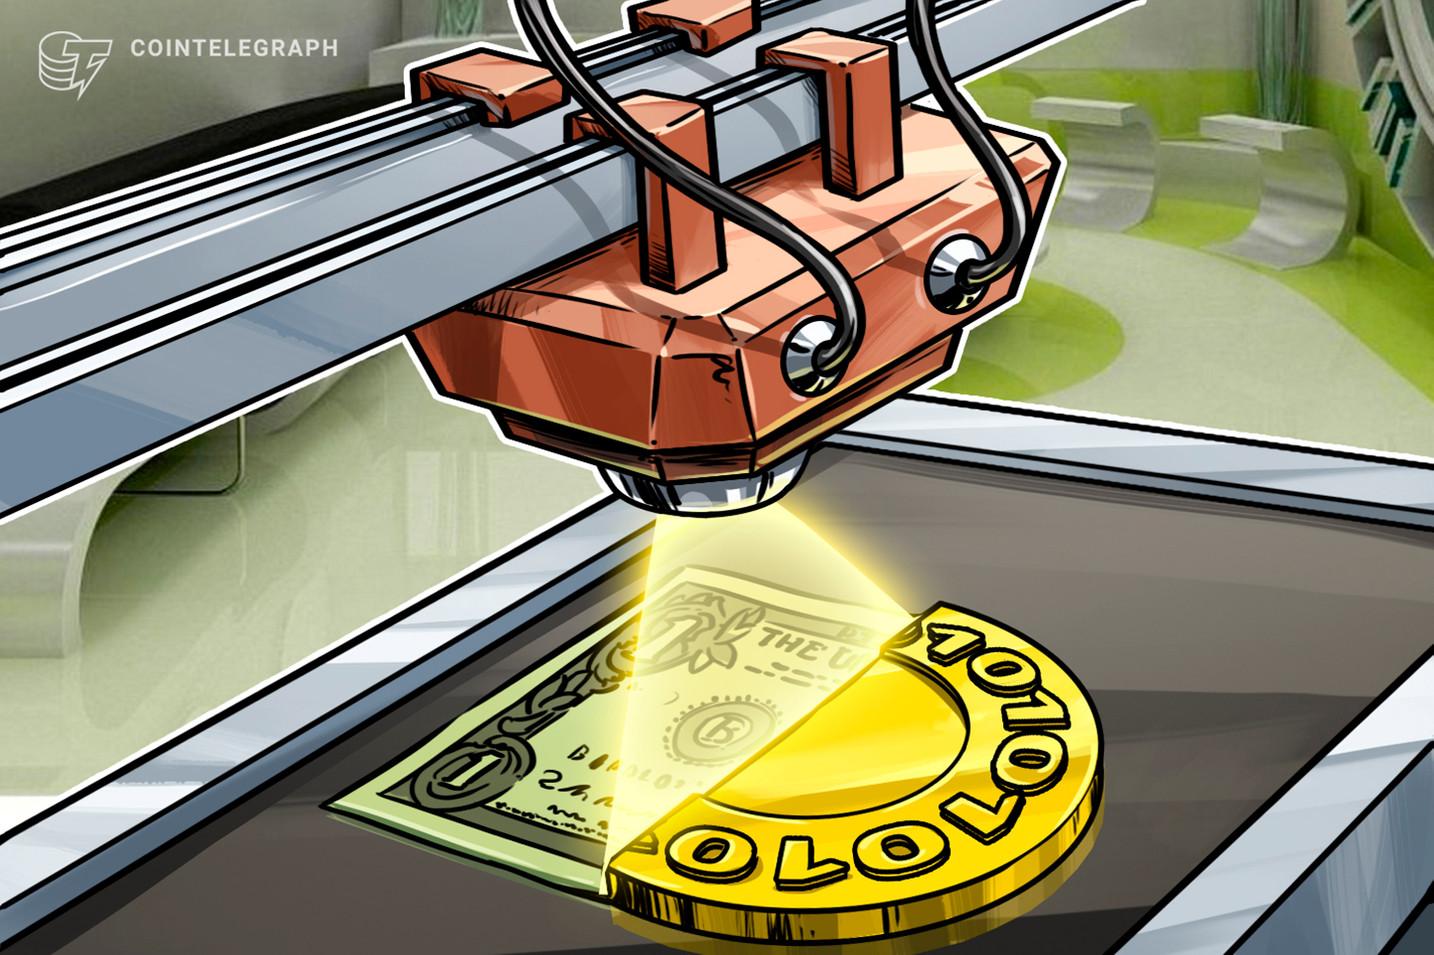 仮想通貨取引所OKEx 「永久スワップ」デリバティブ商品を立ち上げ